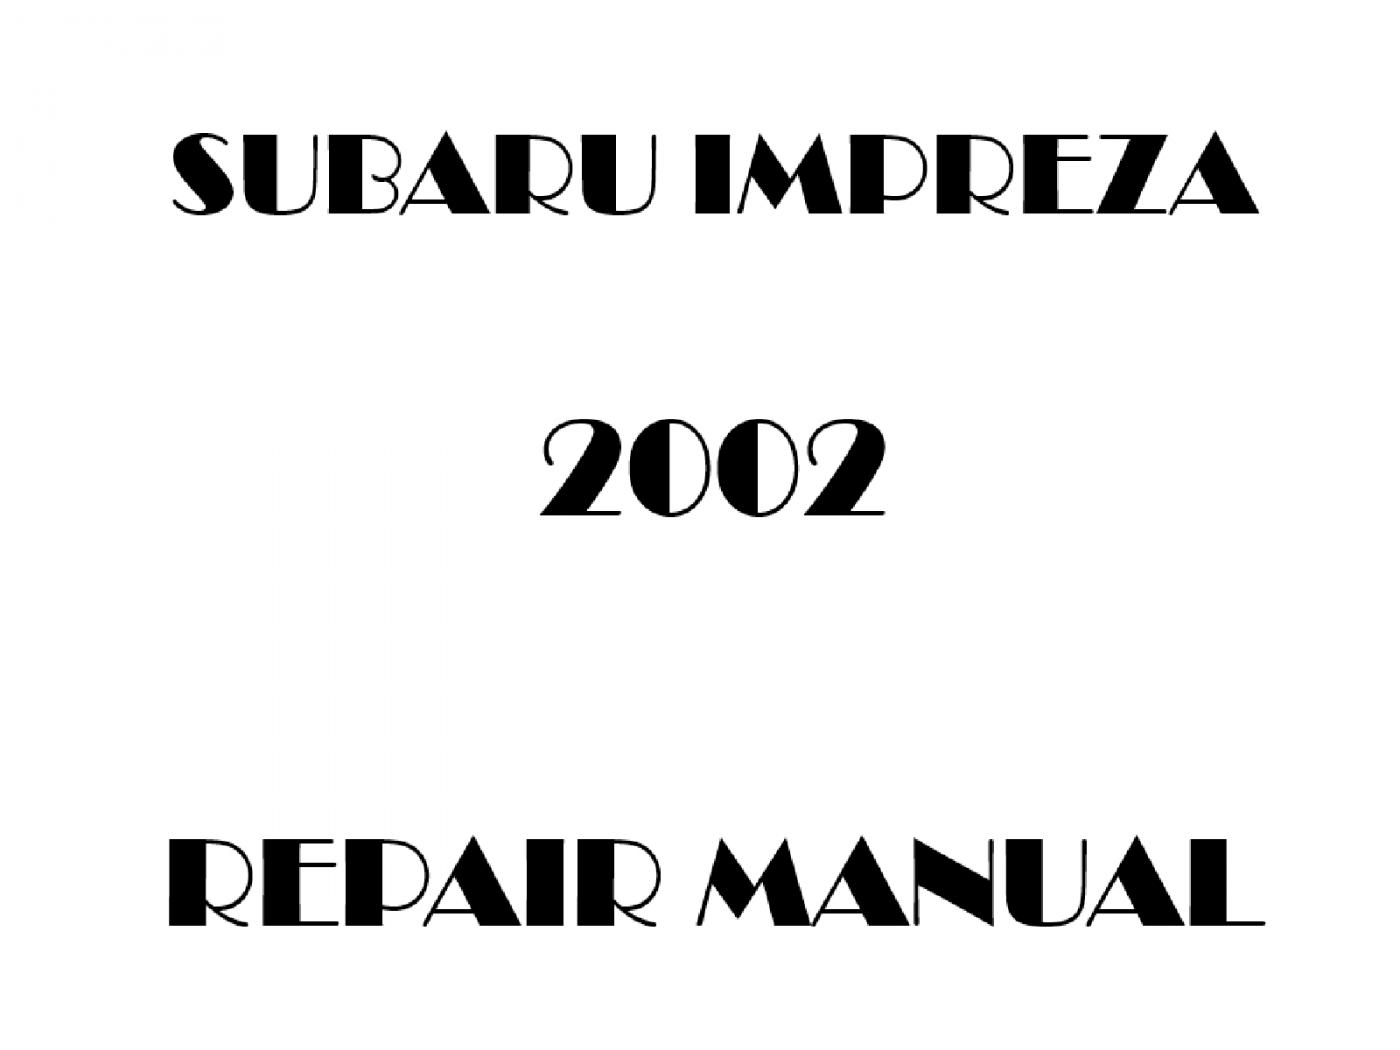 2002 Subaru Impreza repair manual